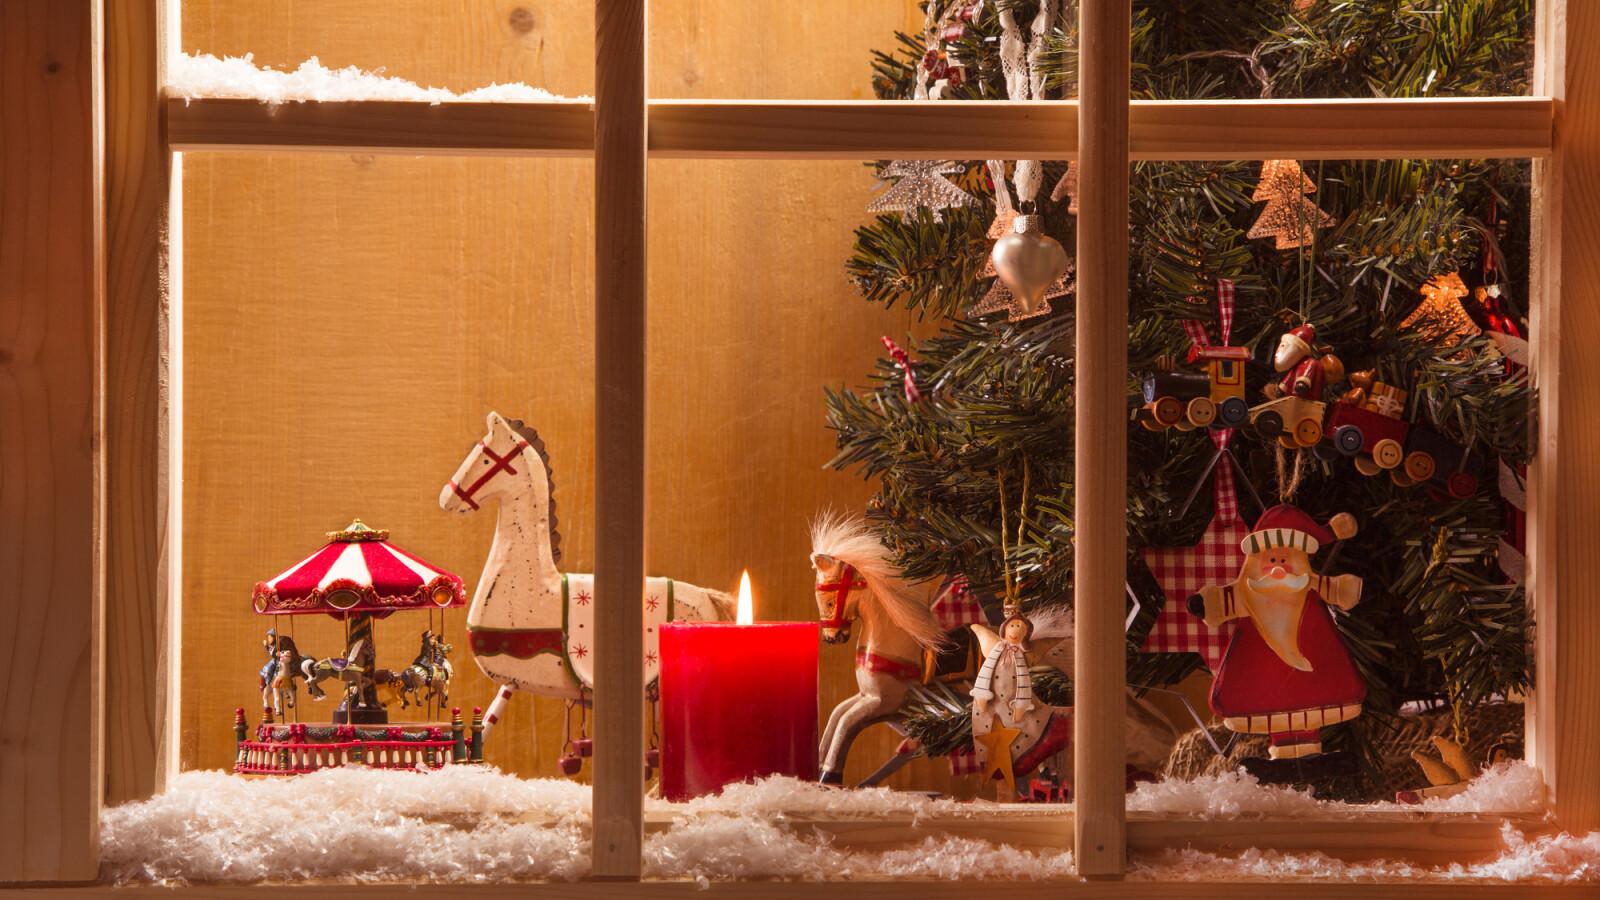 weihnachtsgr e gifs und spr che f r whatsapp facebook. Black Bedroom Furniture Sets. Home Design Ideas